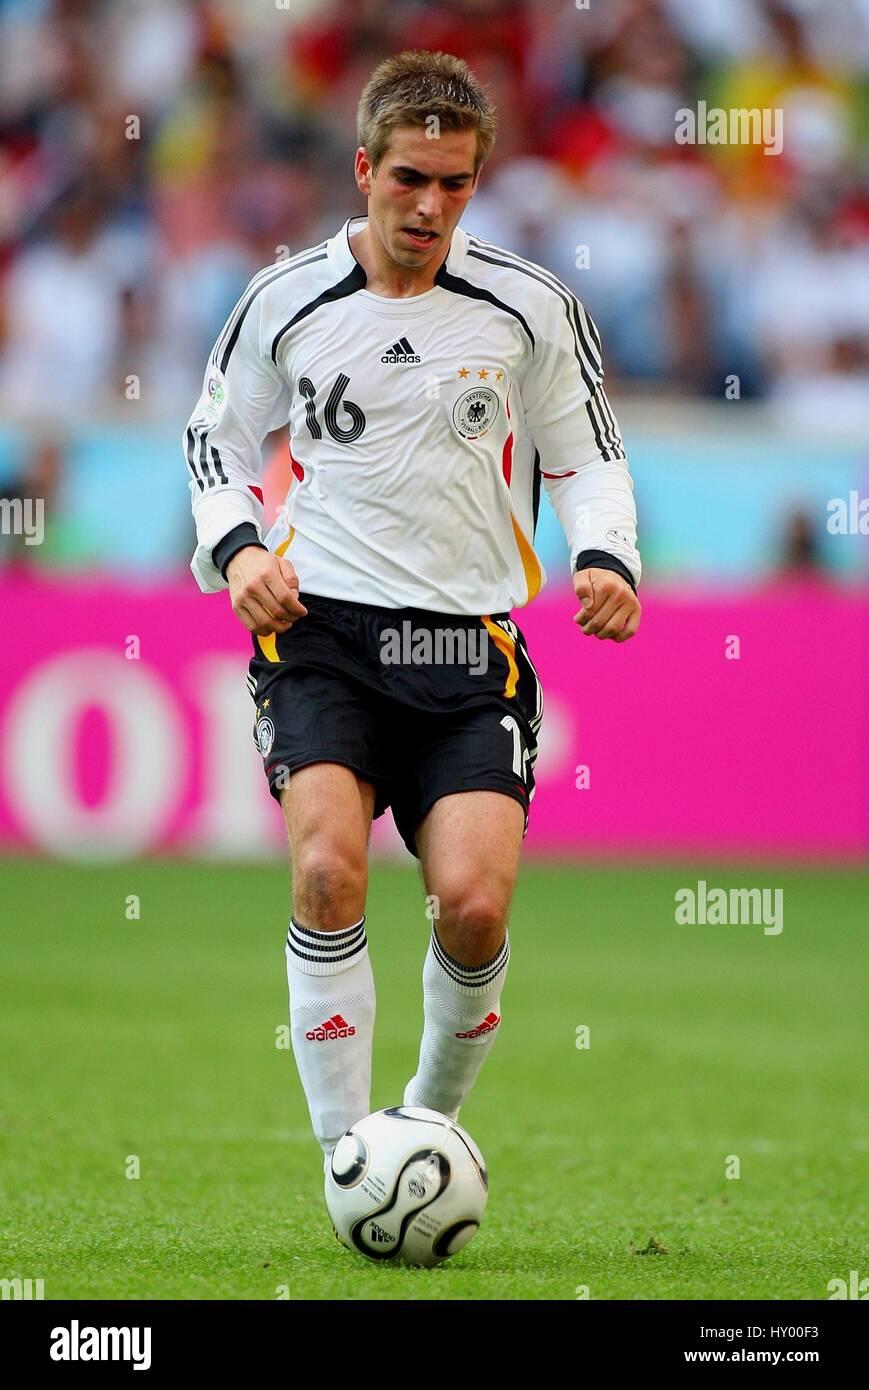 PHILIPP LAHM GERMANY & BAYERN MUNICH WORLD CUP MUNICH GERMANY 09